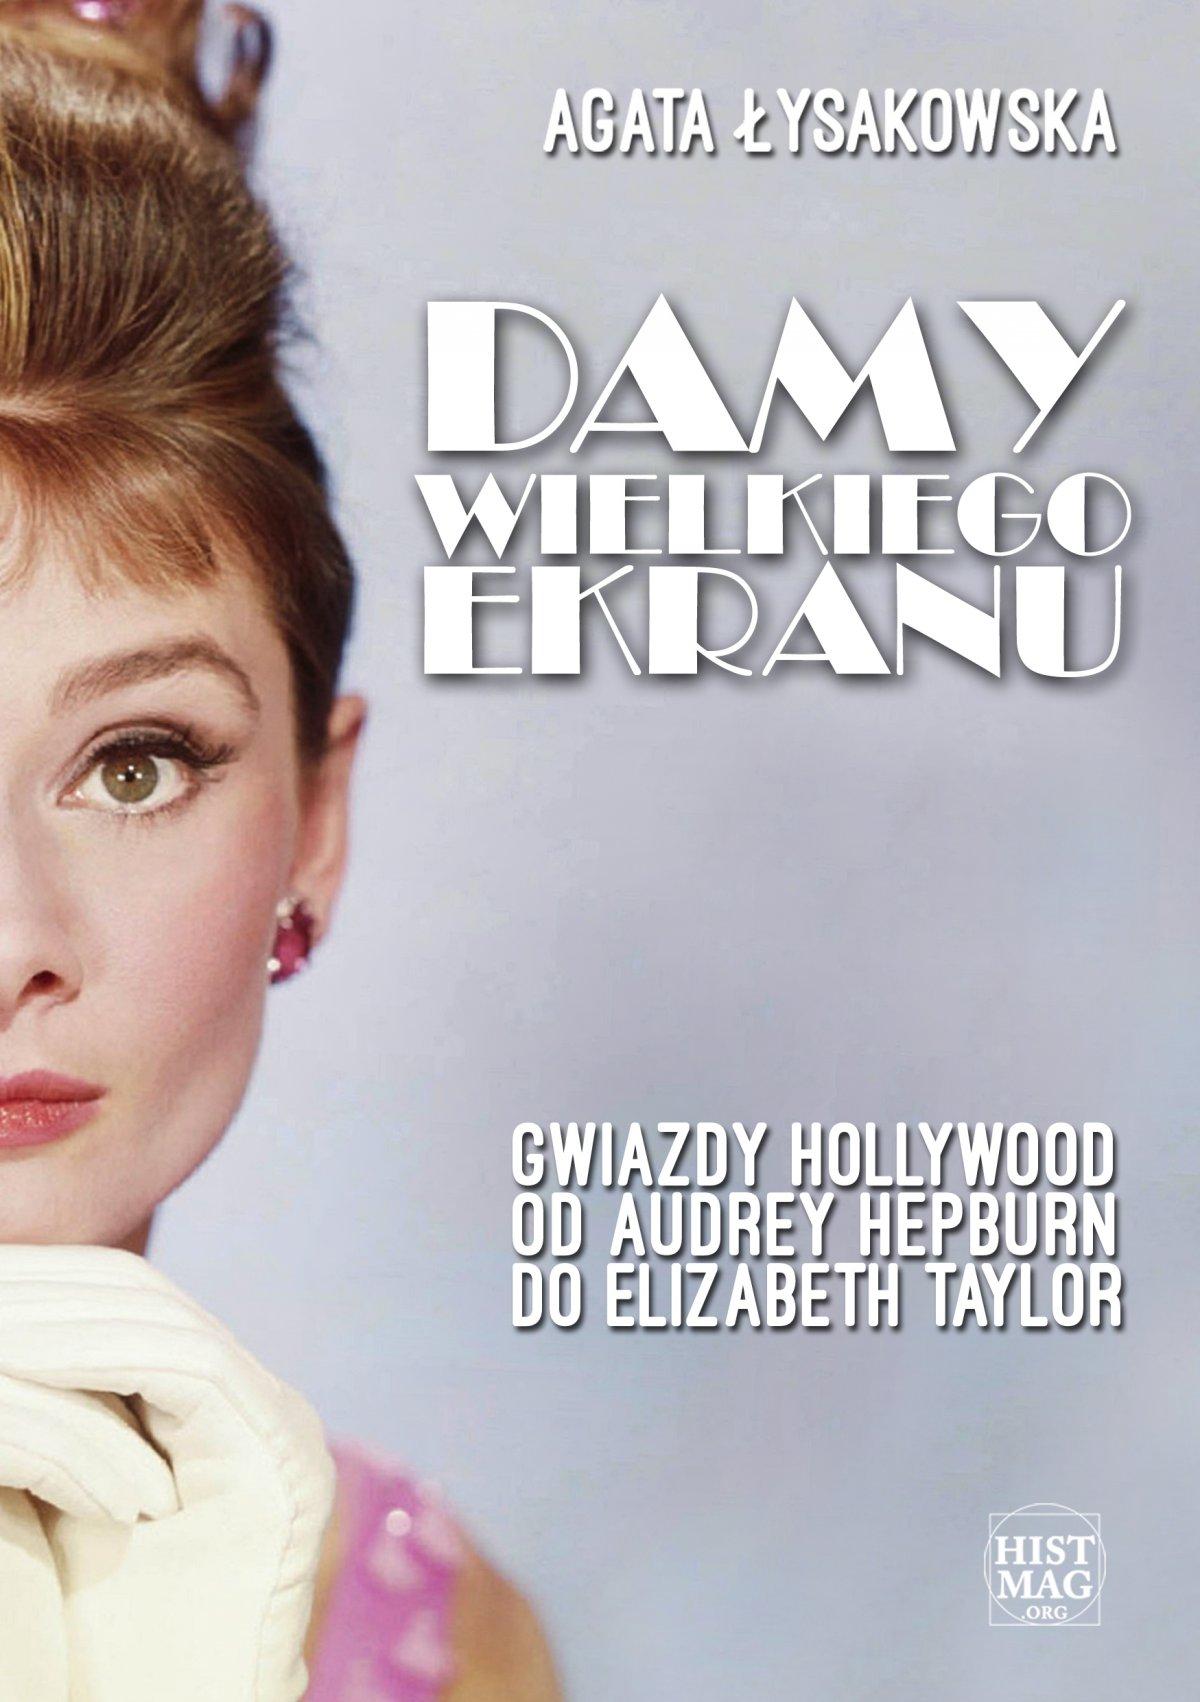 Damy wielkiego ekranu: Gwiazdy Hollywood od Audrey Hepburn do Elizabeth Taylor - Ebook (Książka PDF) do pobrania w formacie PDF